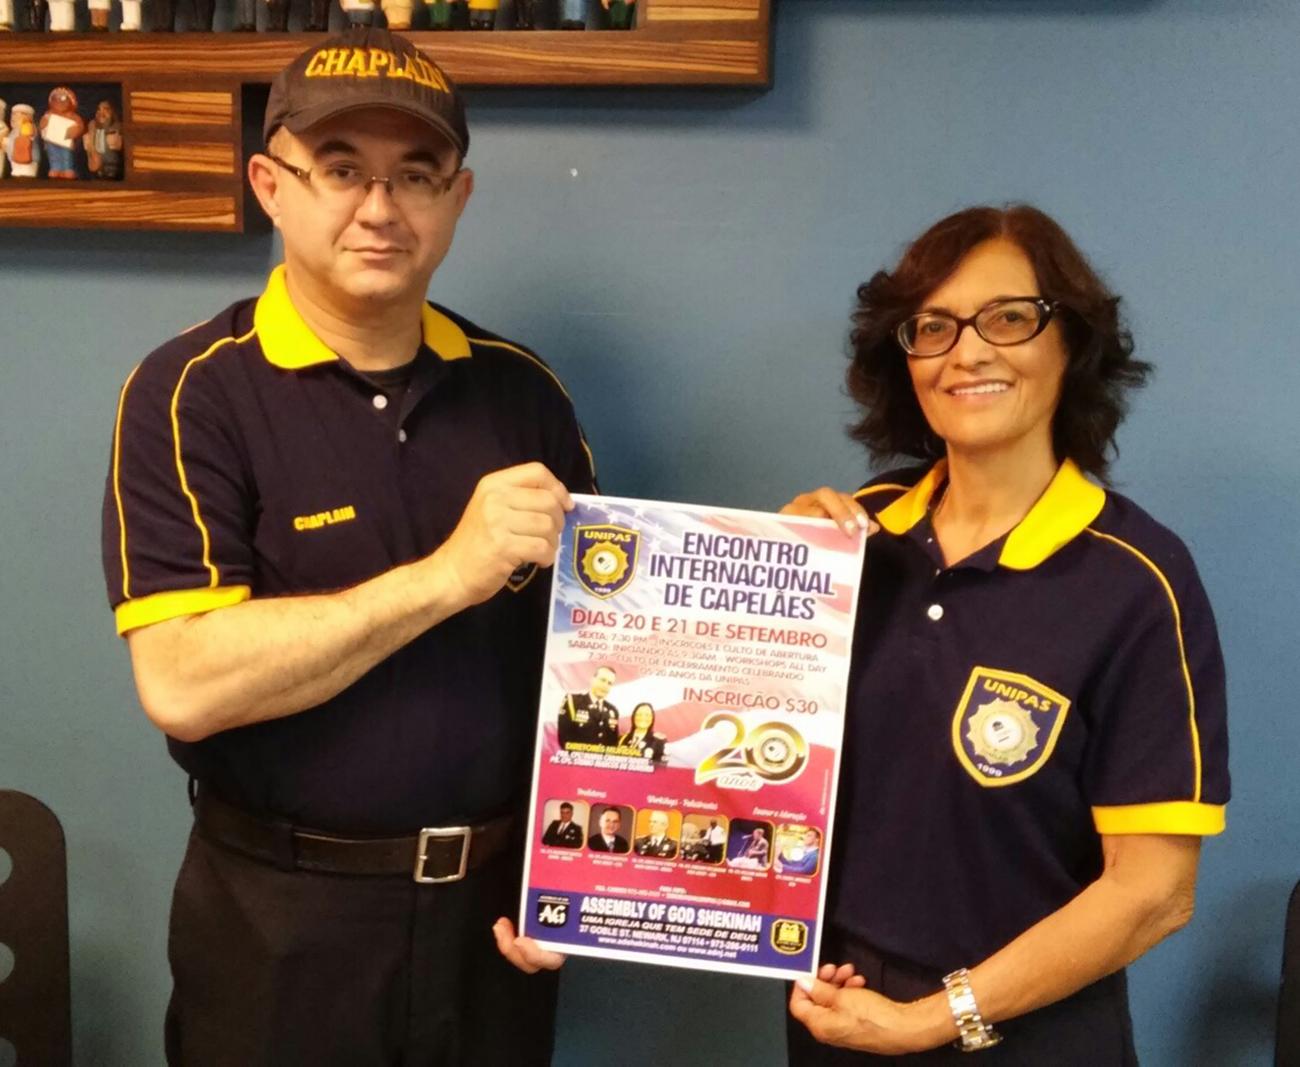 Foto21 Pastores Marco Antonio Aragao e Maria Carmen Adiers Encontro Internacional de Capelães acontecerá em Newark (NJ)